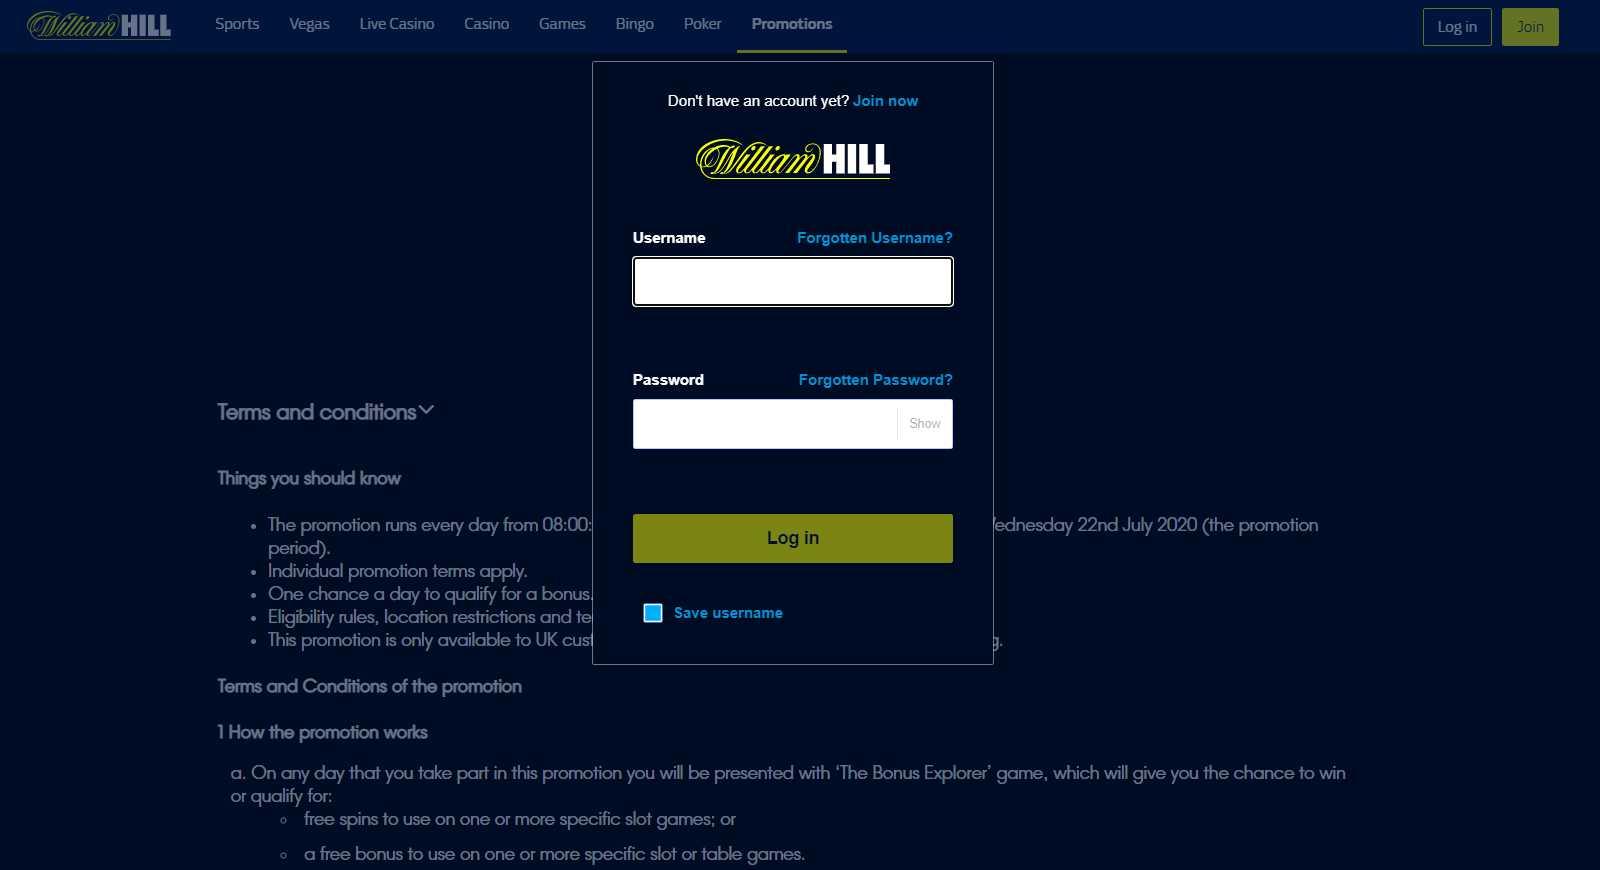 ¿Cómo registrarse en William Hill?